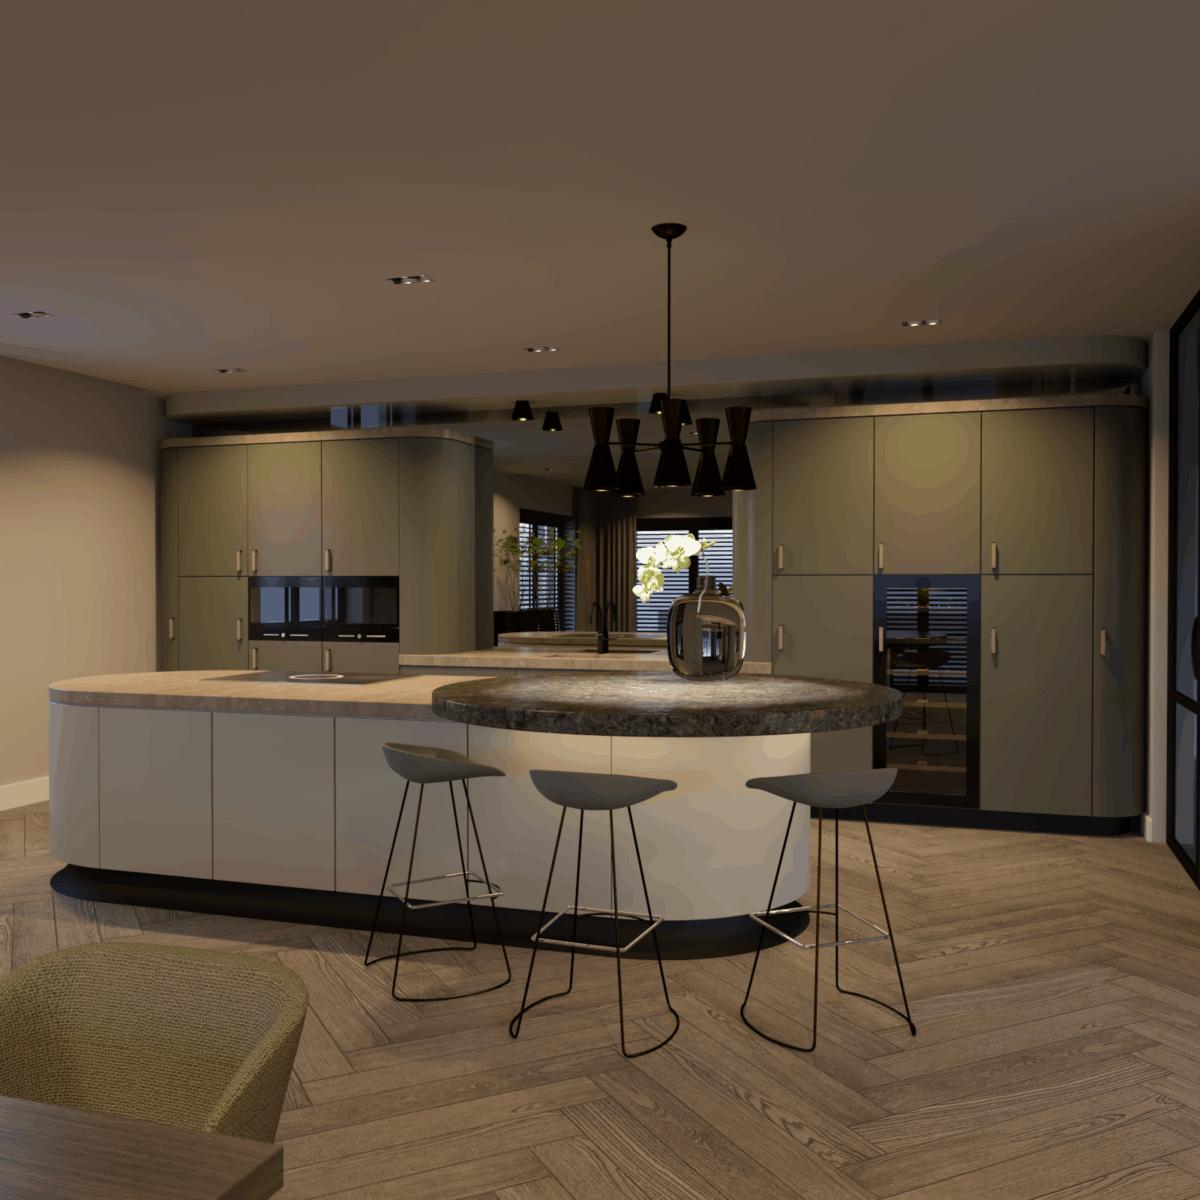 Zijaanzicht van een keuken in penthouse interieur